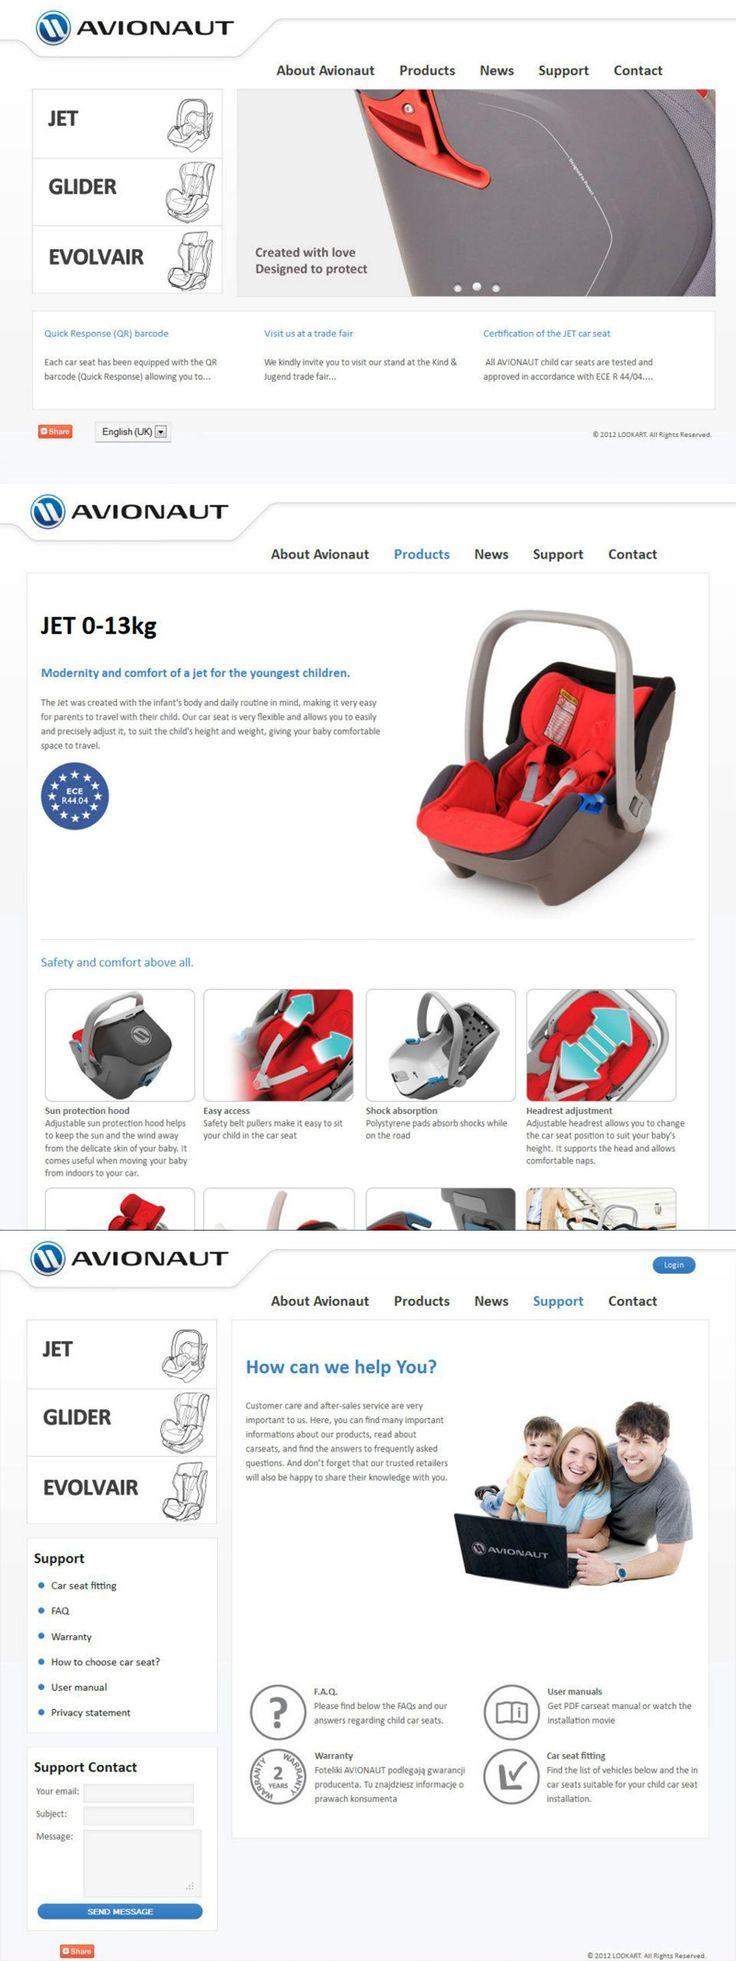 Strona internetowa polskiego producenta fotelików samochodowych AVIONAUT